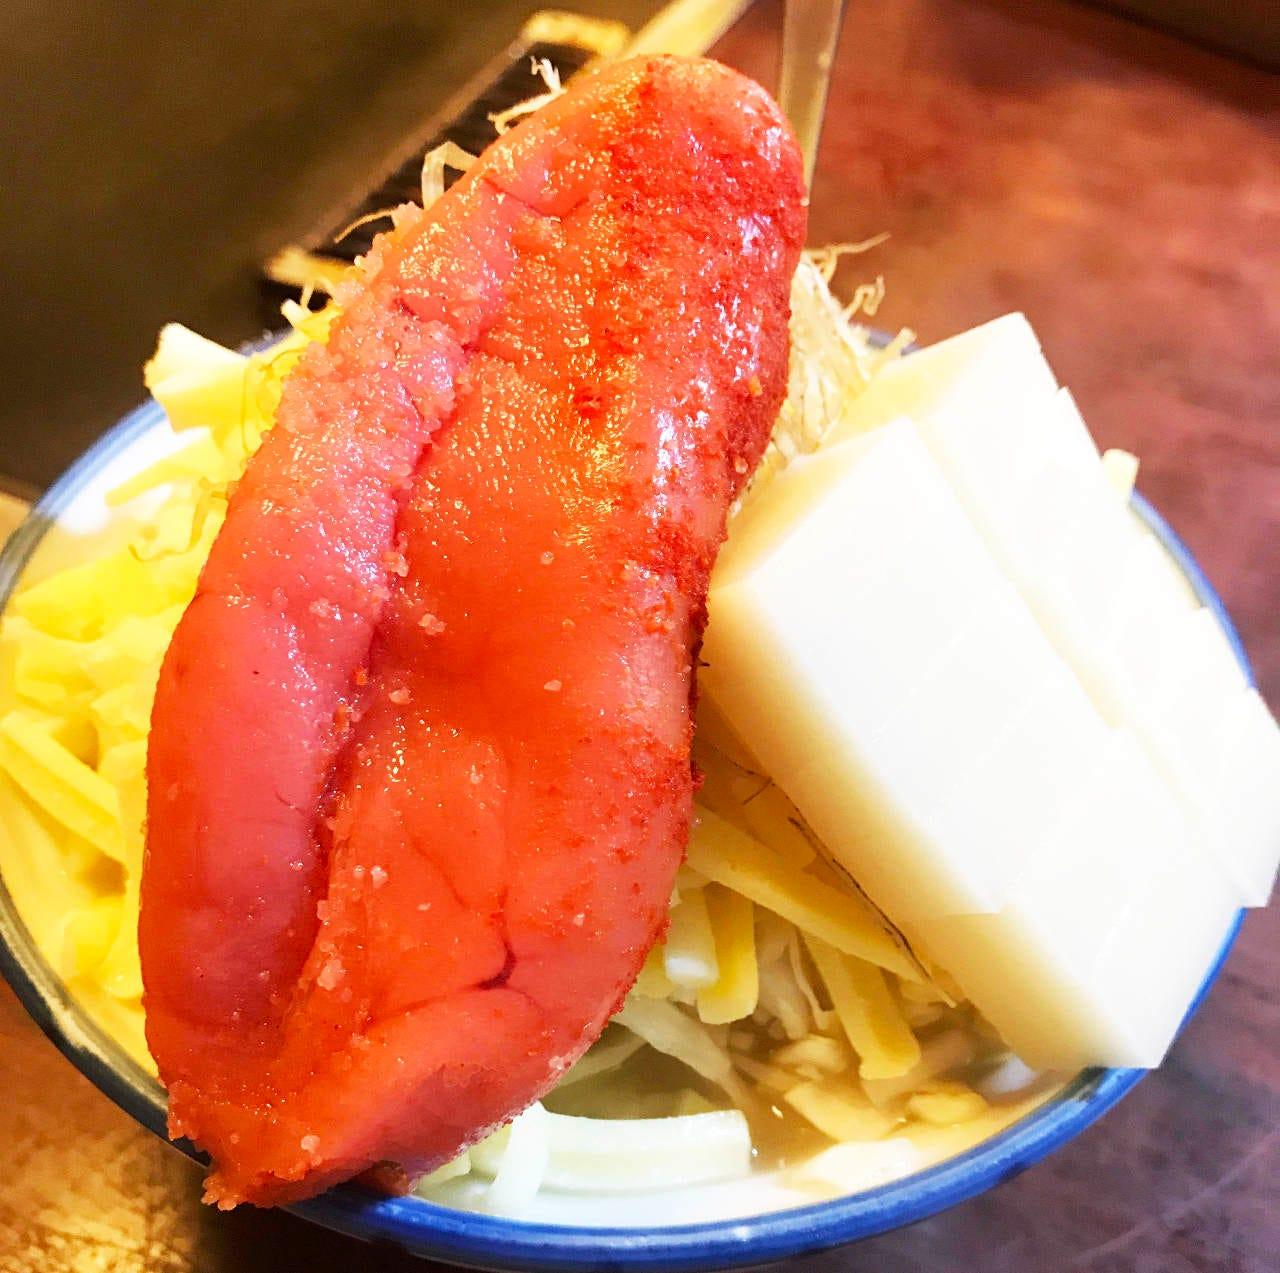 月島もんじゃ はる 錦糸町北口店